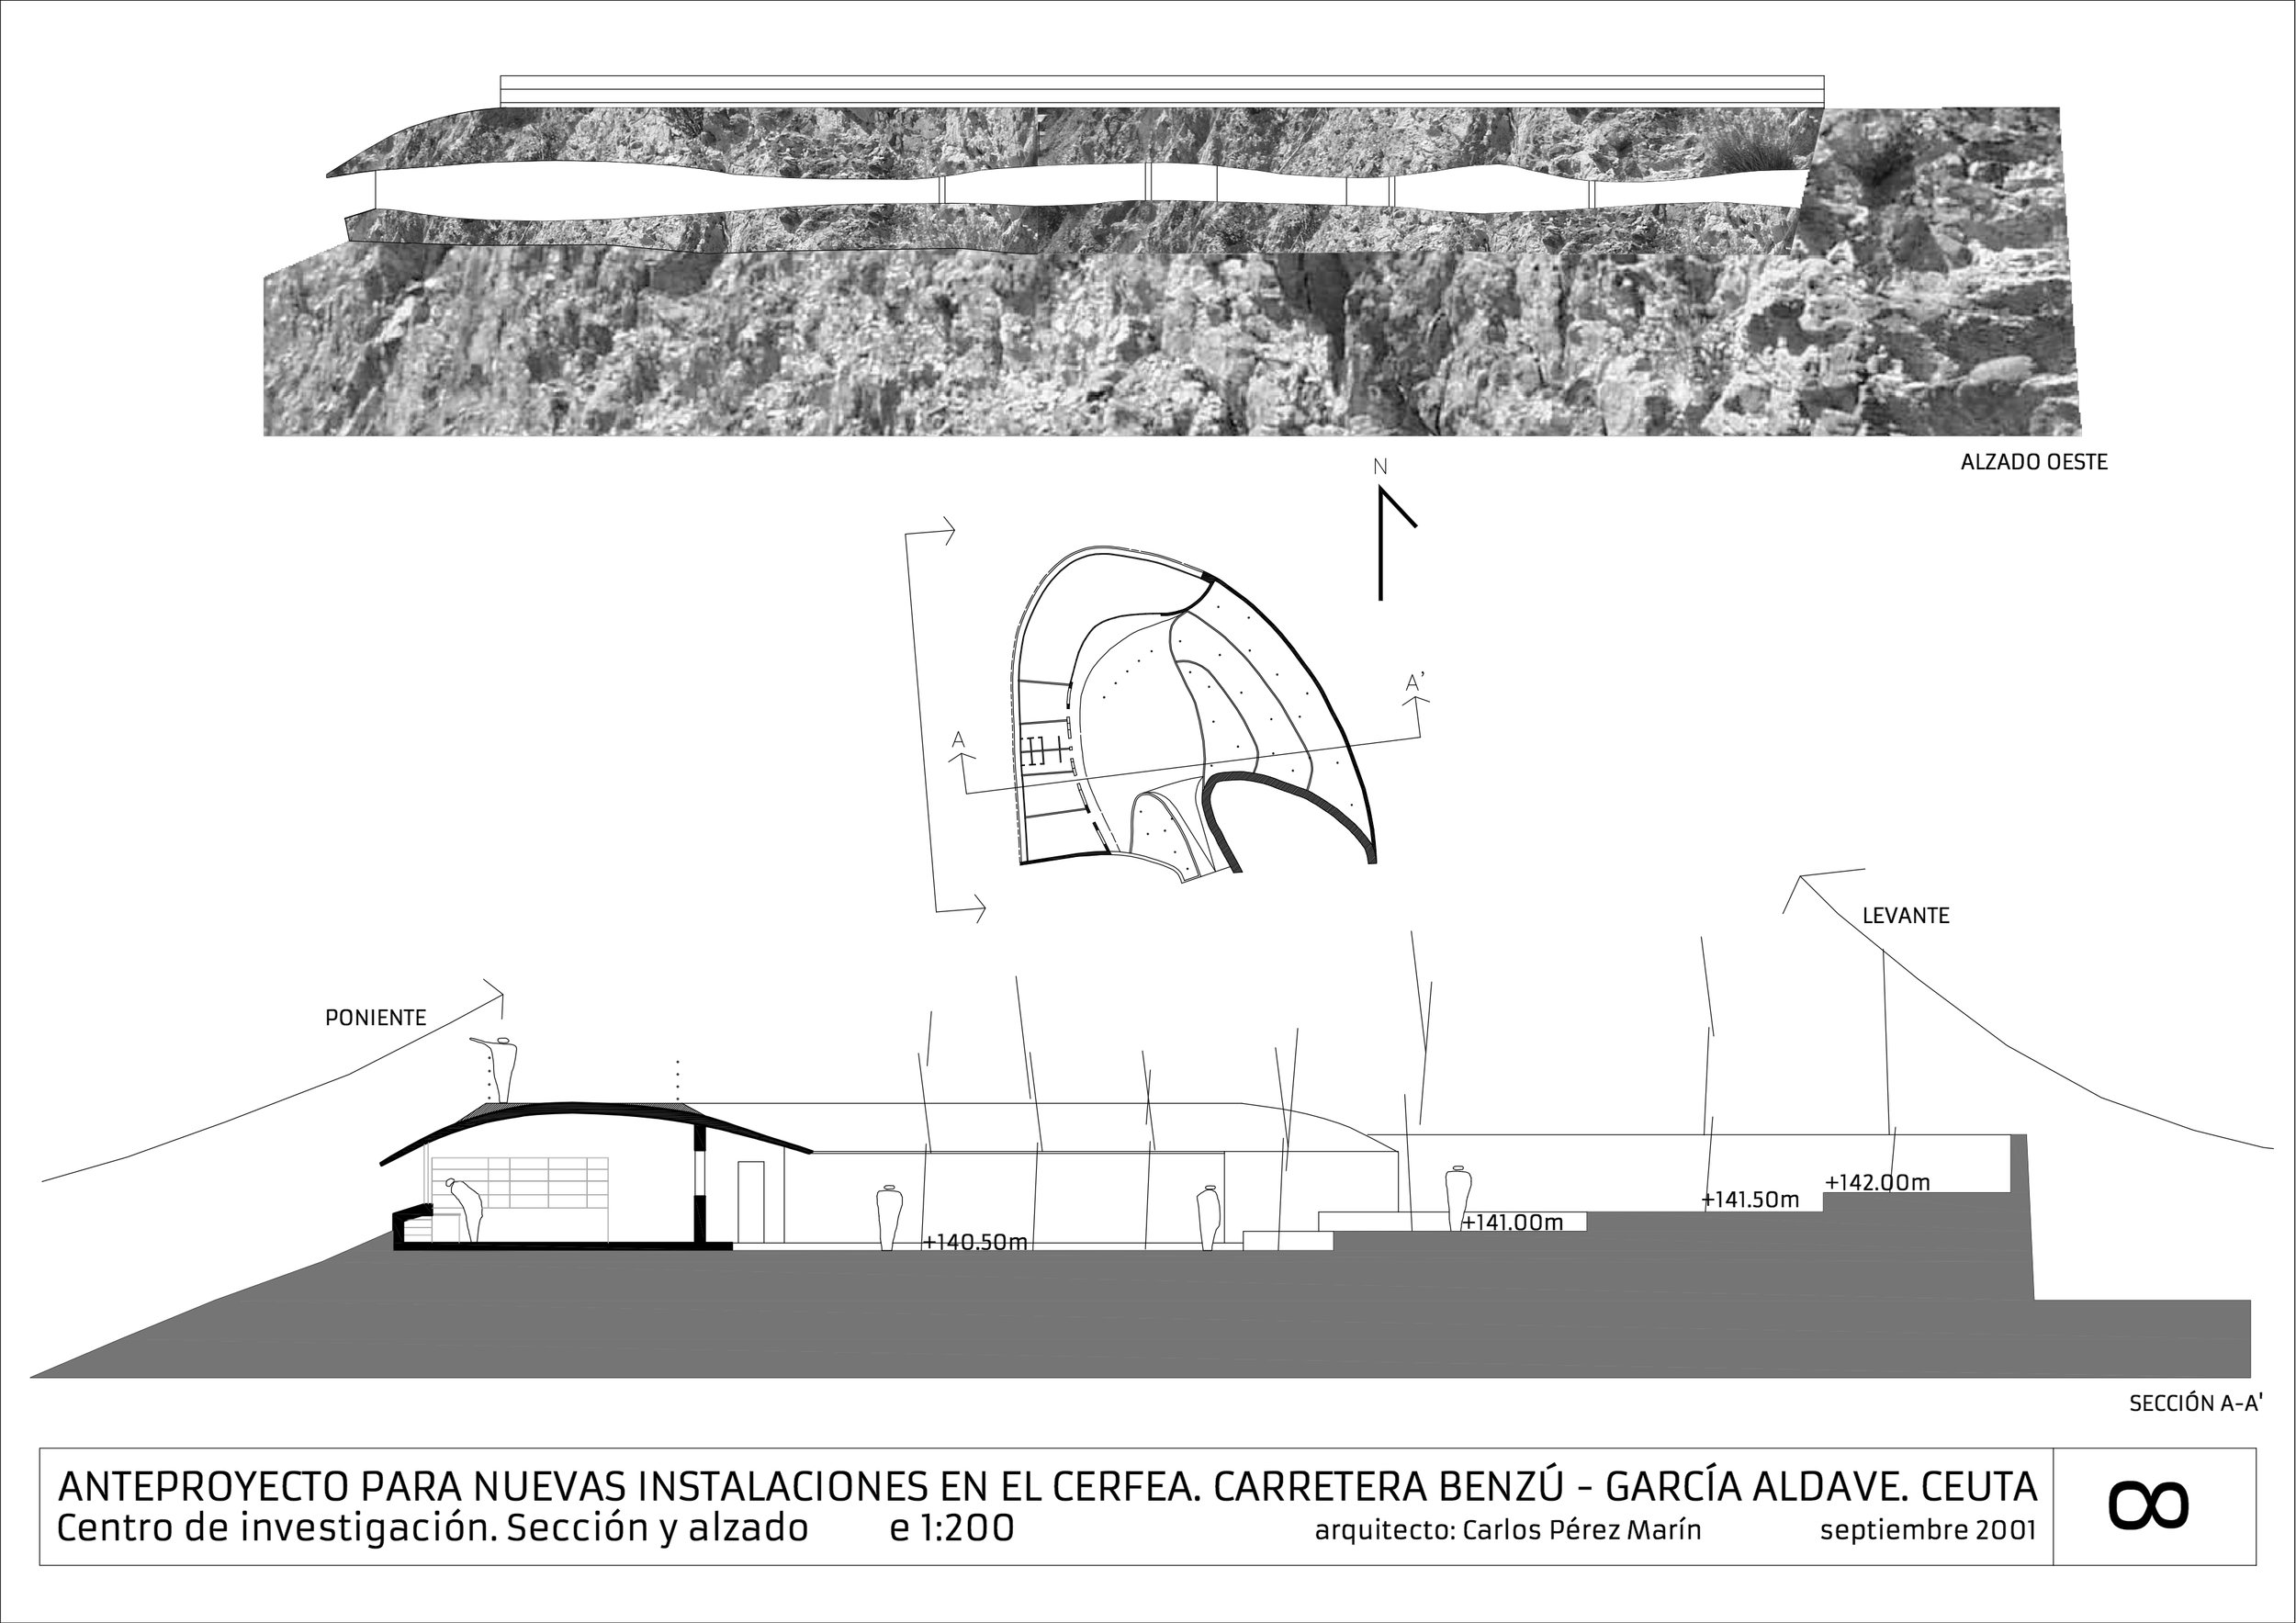 CERFEA 02 SECCION 08.jpg